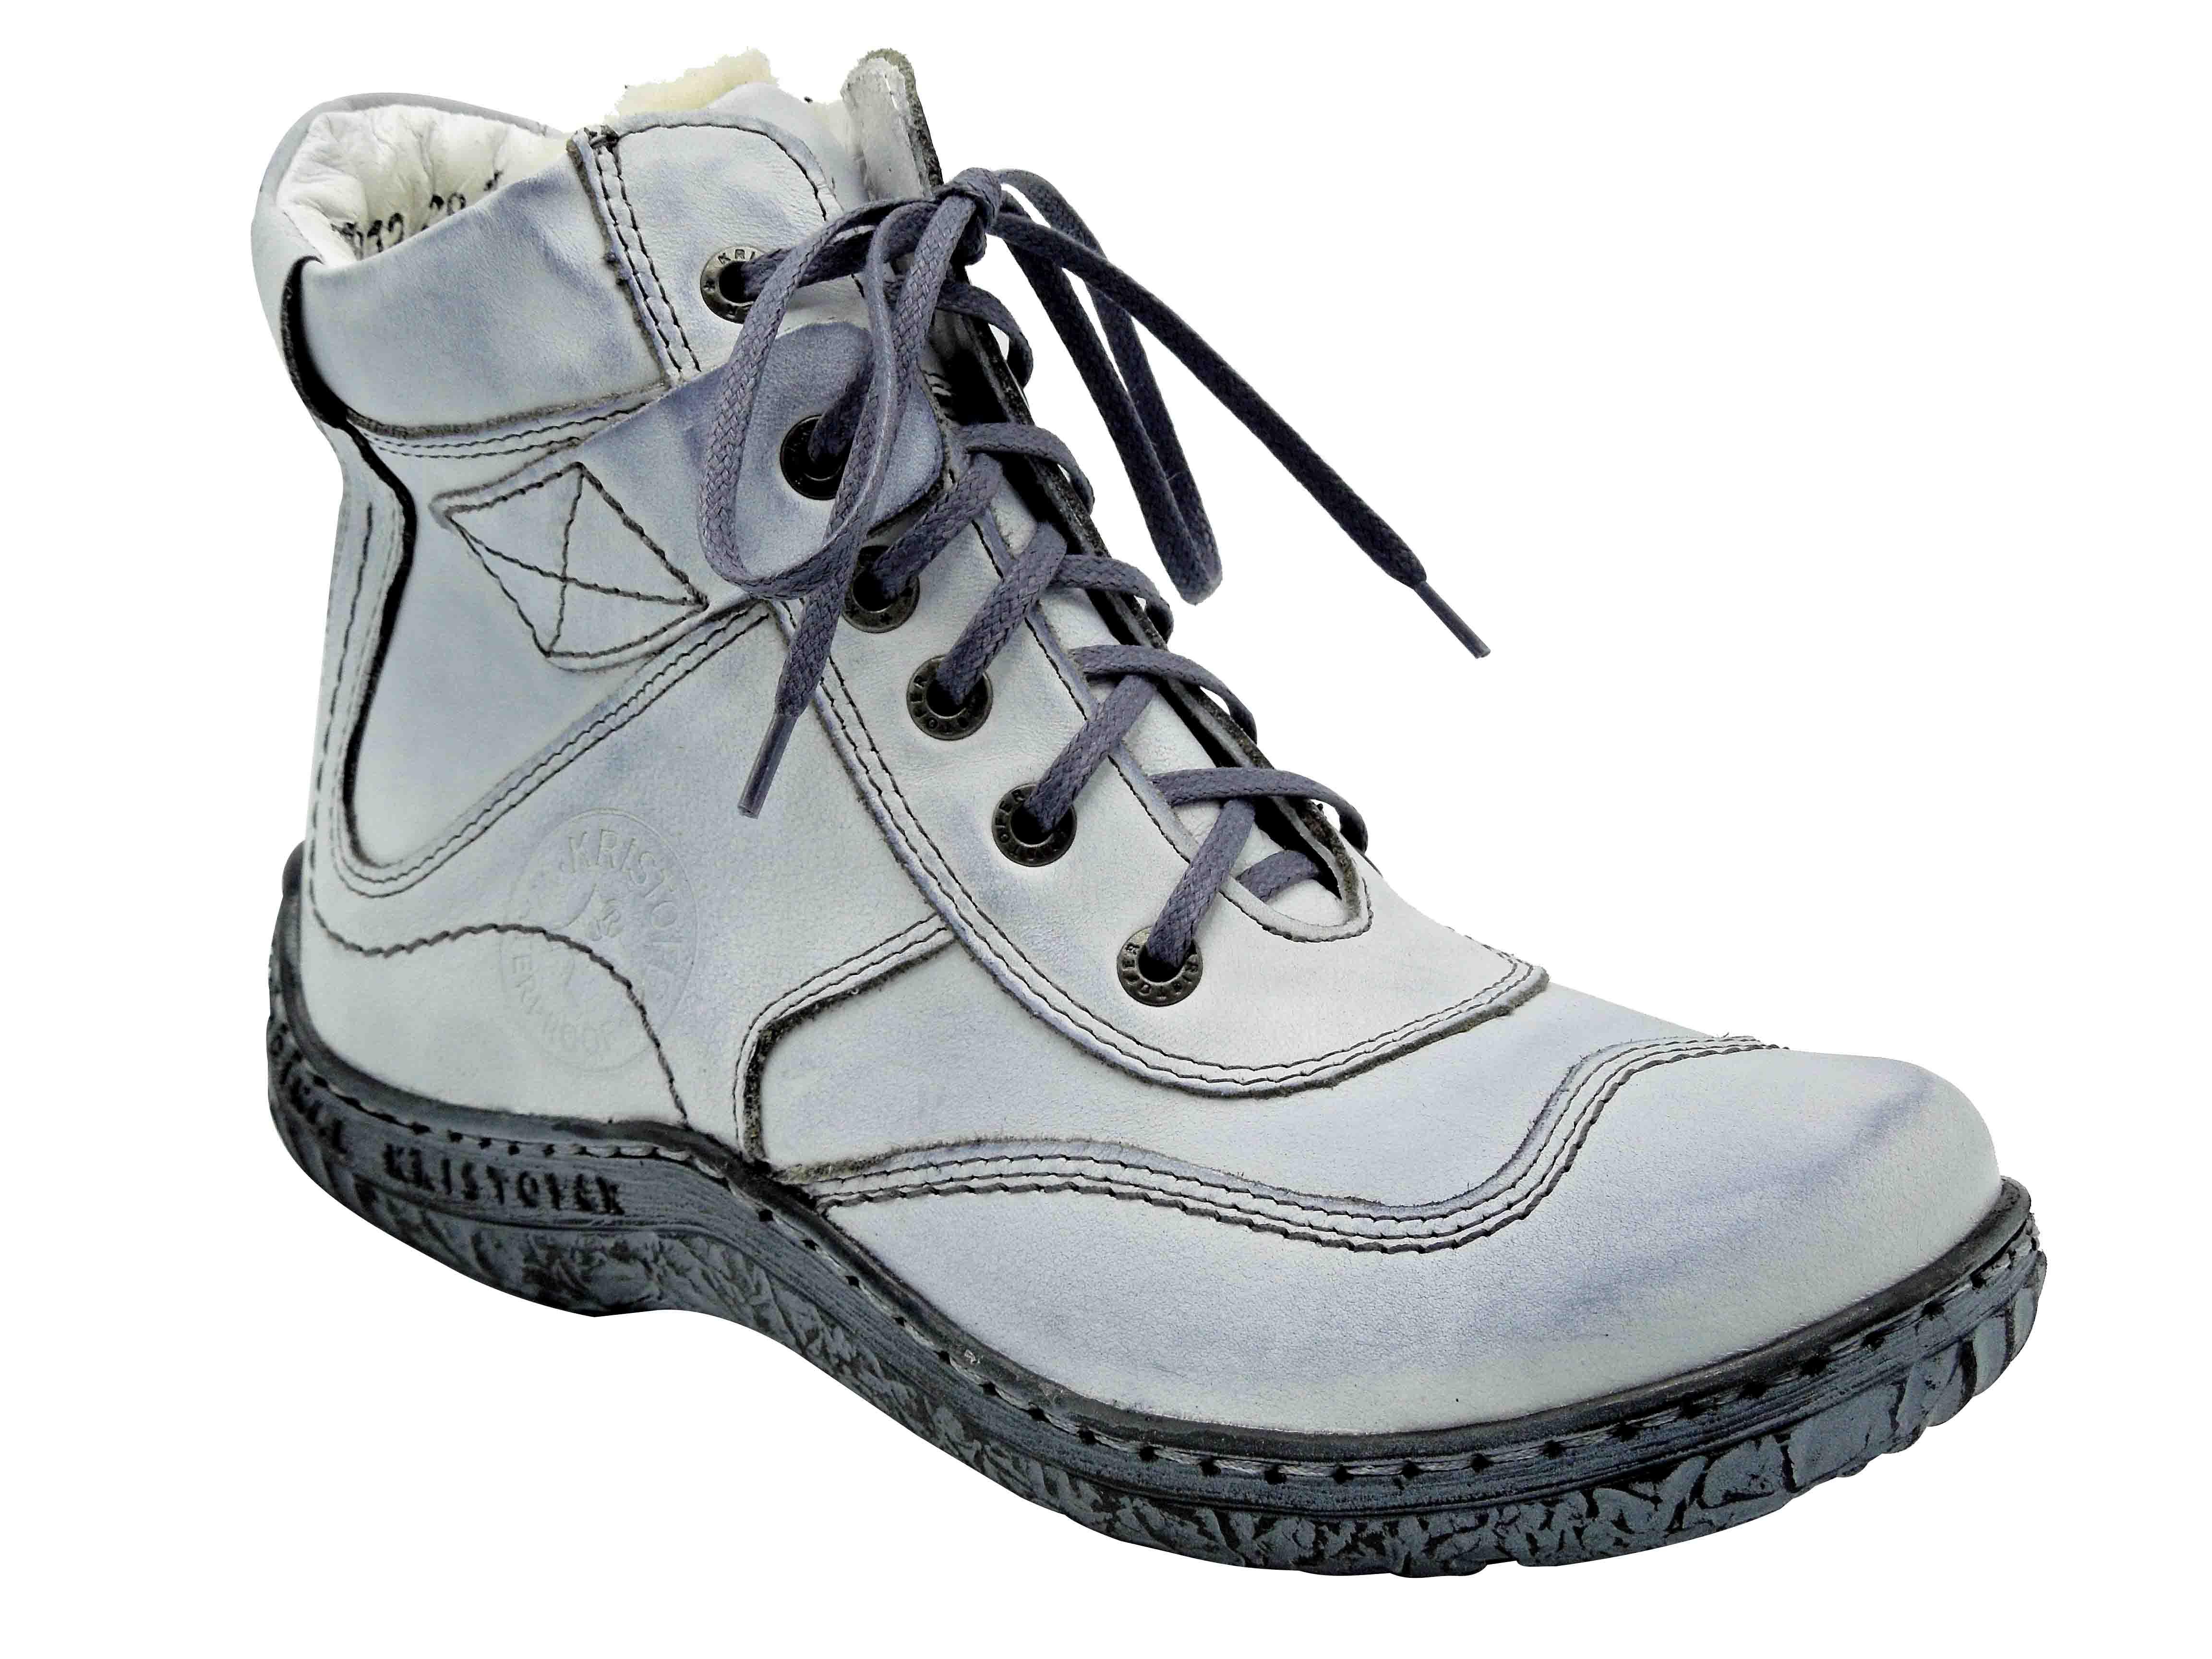 878f7a5d03a Dámské zimní boty Kristofer KR2121